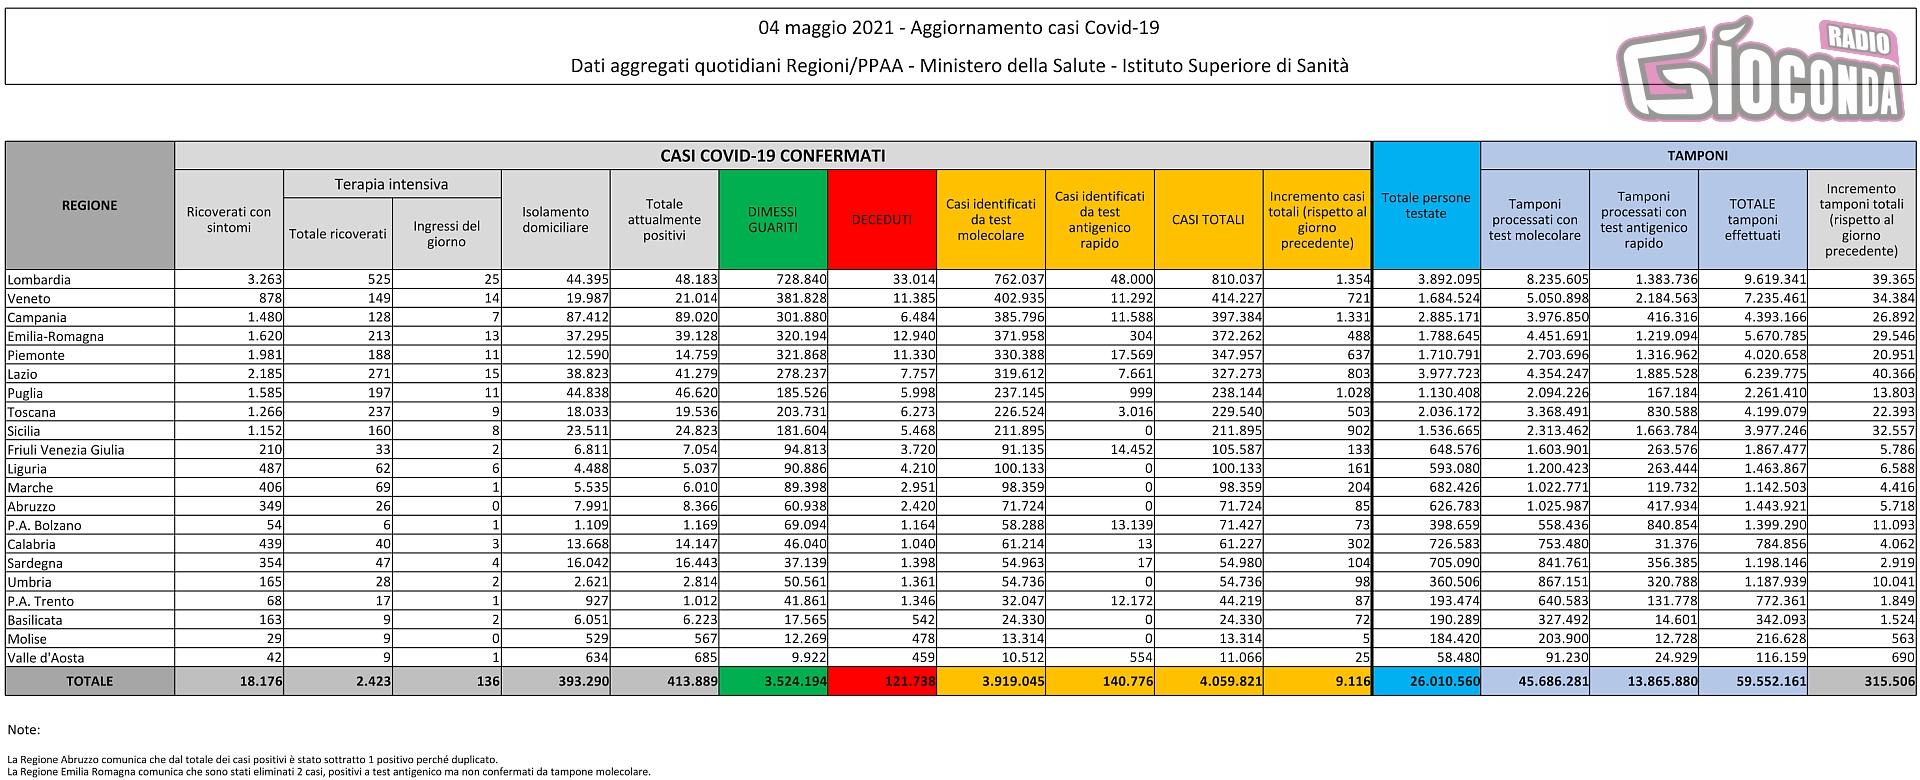 4 maggio 2021 - Aggiornamento casi Covid-19 Dati aggregati quotidiani Regioni/PPAA - Ministero della Salute - Istituto Superiore di Sanità